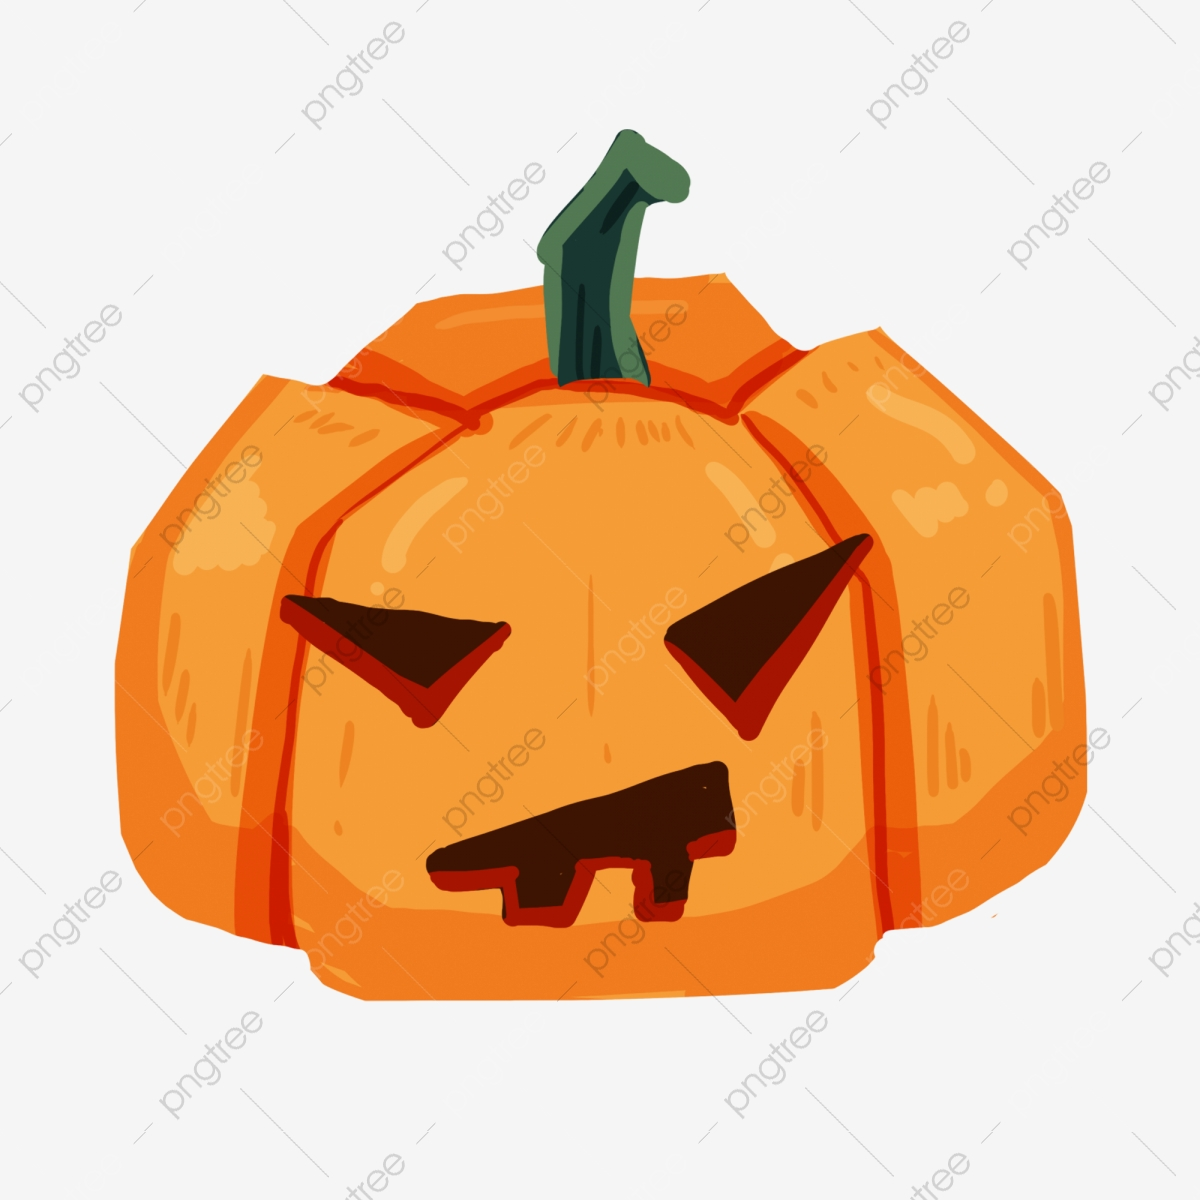 Halloween Pumpkins, Halloween Clipart, Halloween Elements.